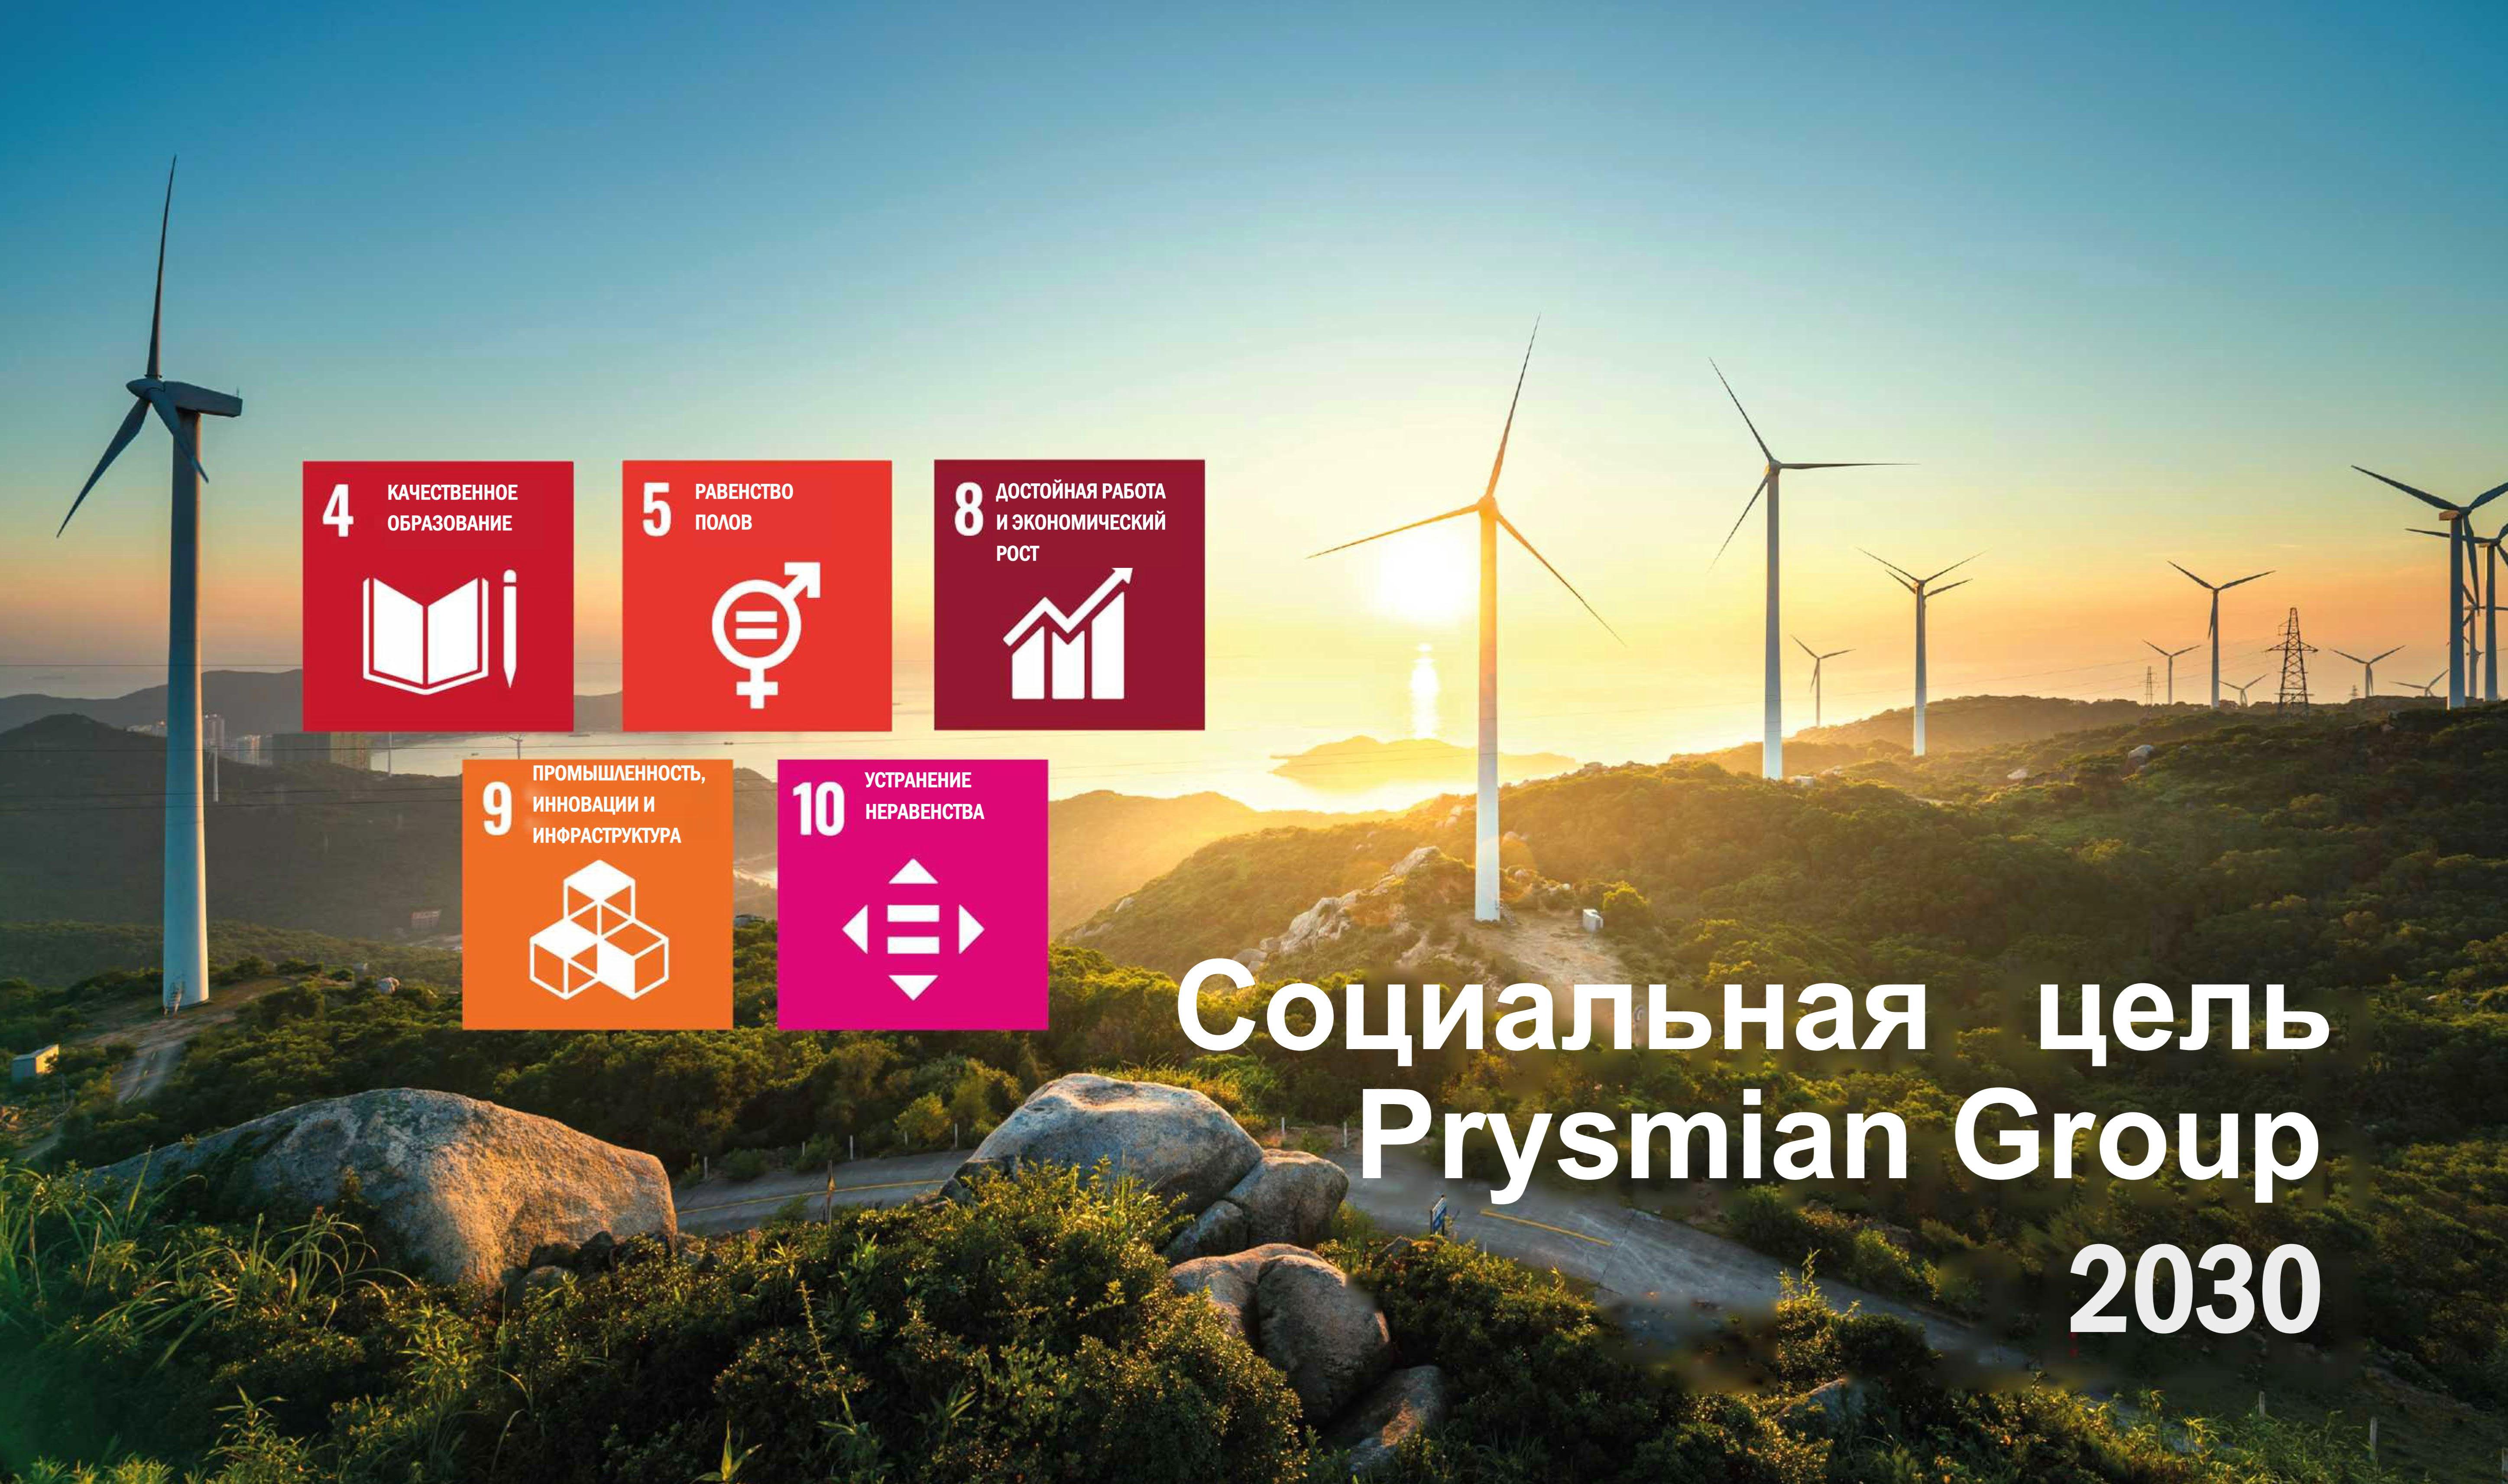 Prysmian Group повышает стремление к устойчивому развитию, следуя социальным целям